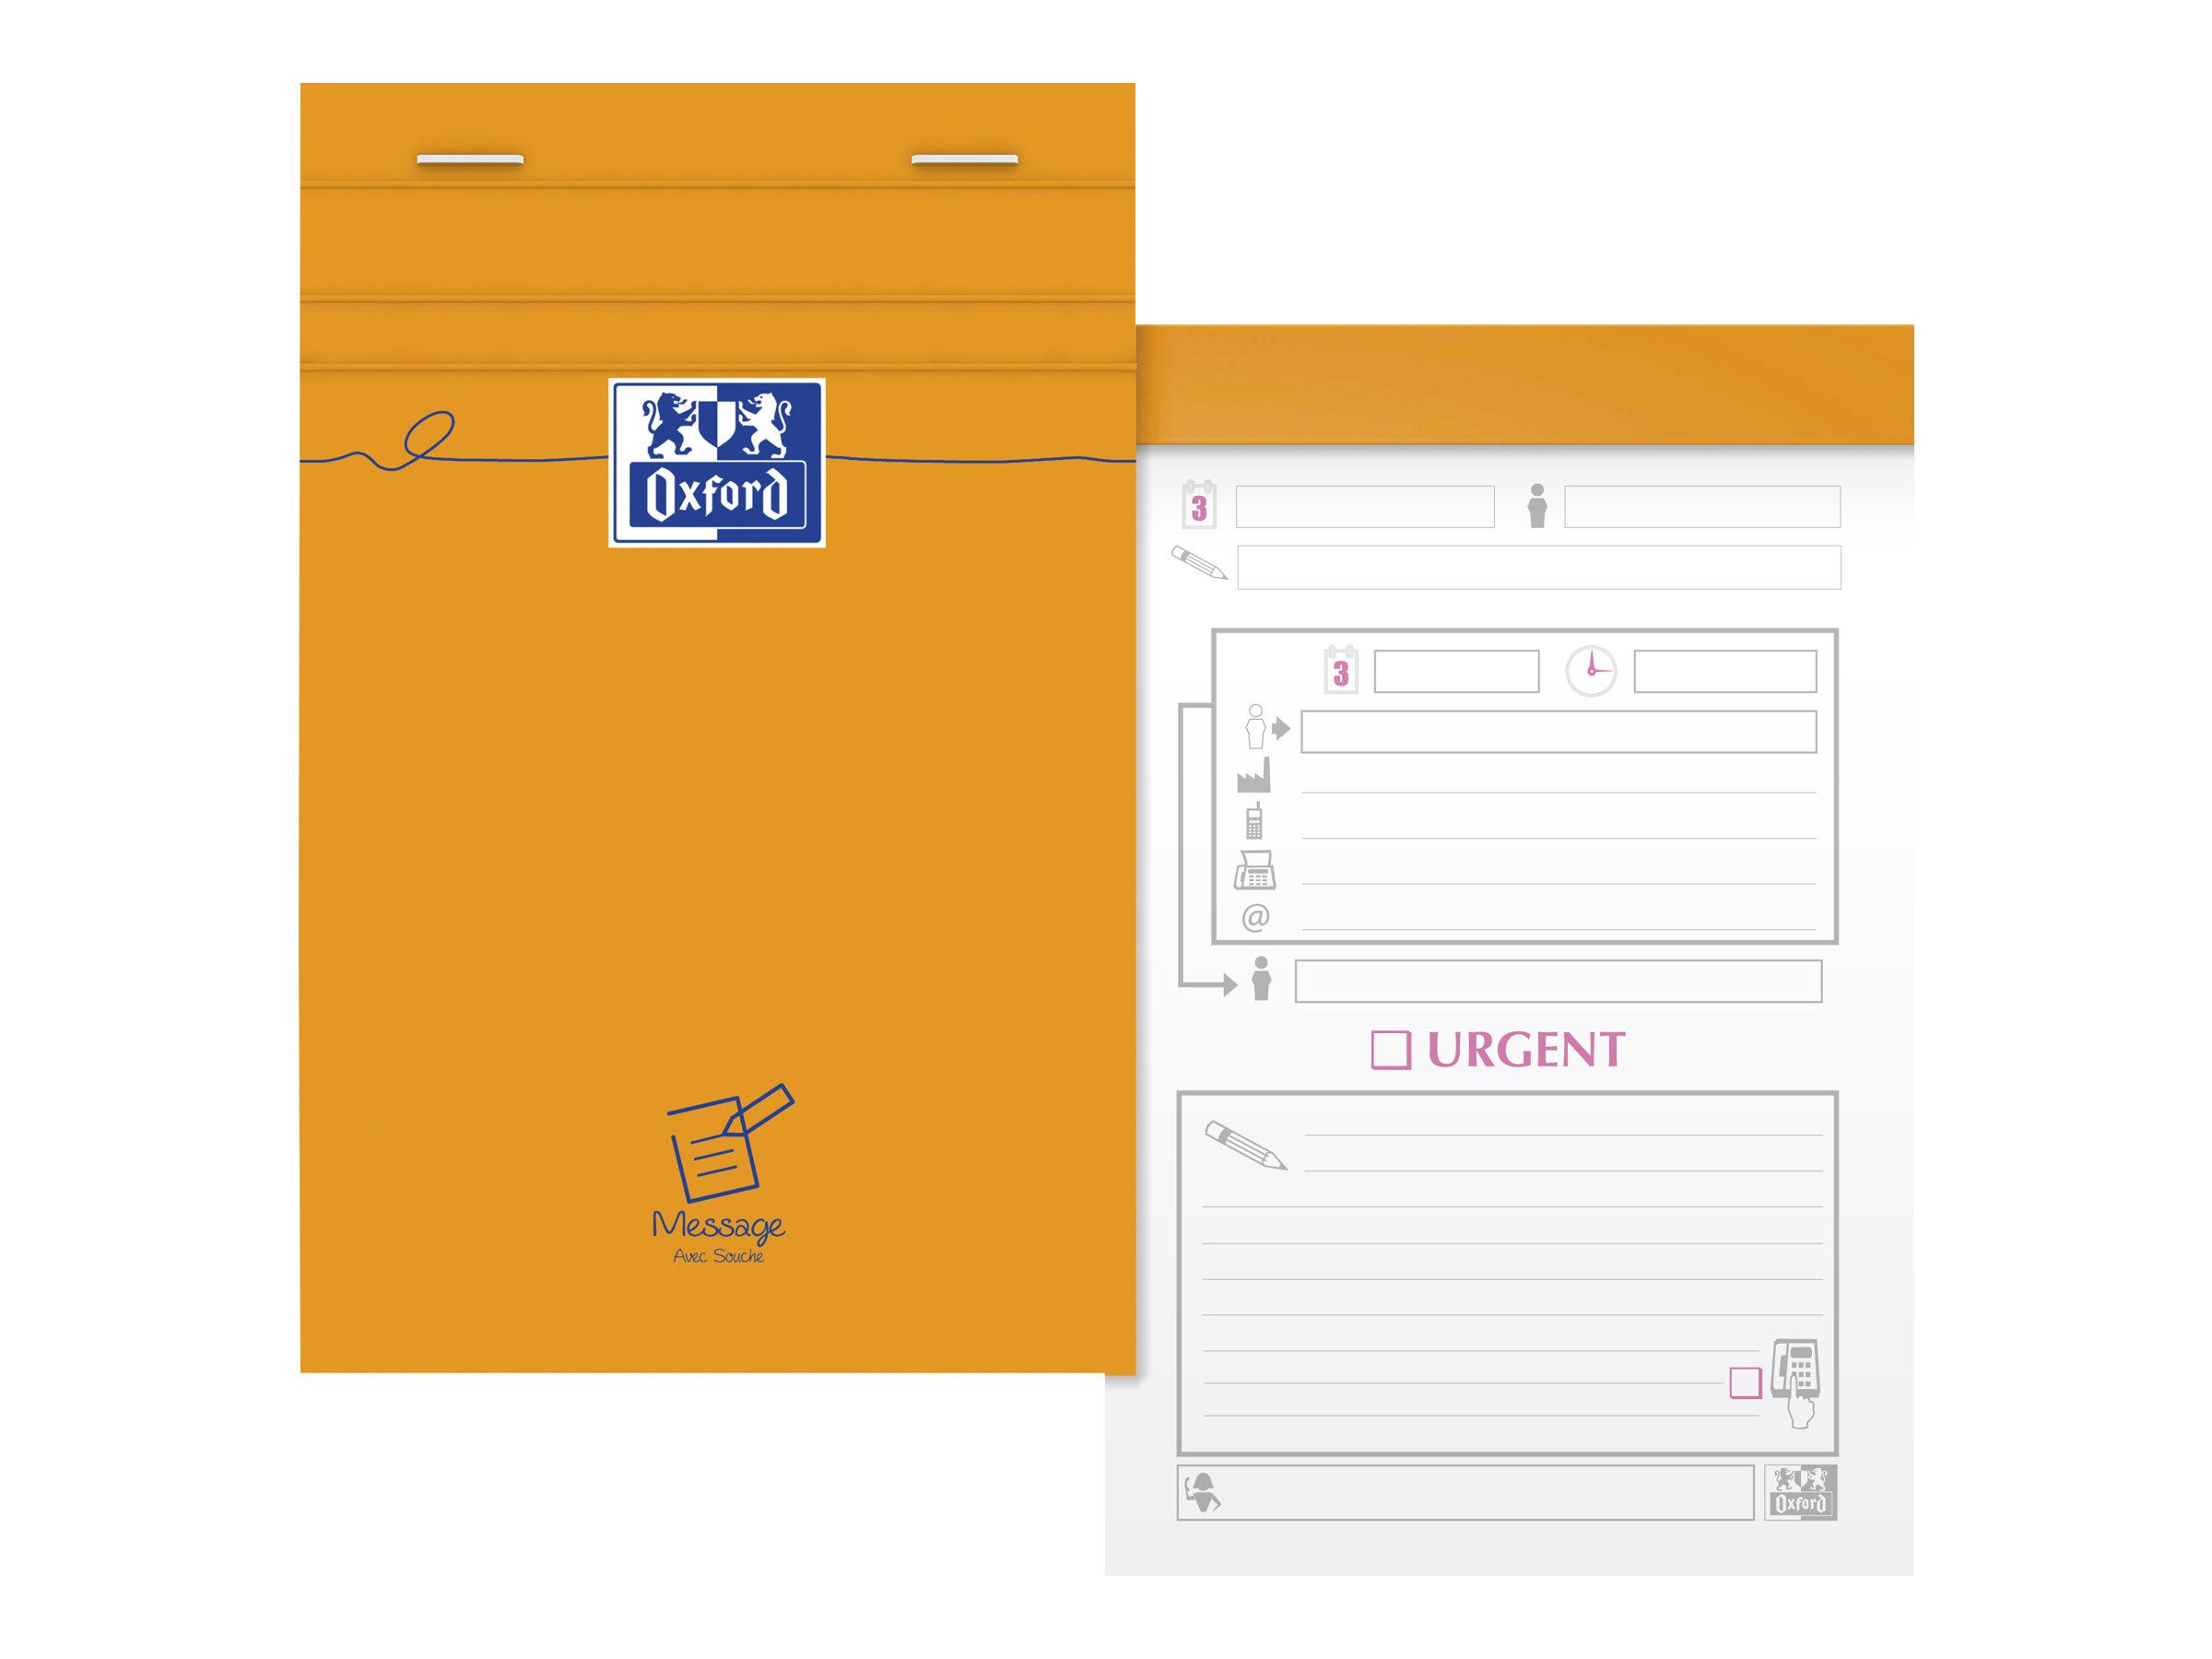 Oxford - Bloc notes - 11 x 17 cm - 160 pages - 80g - orange